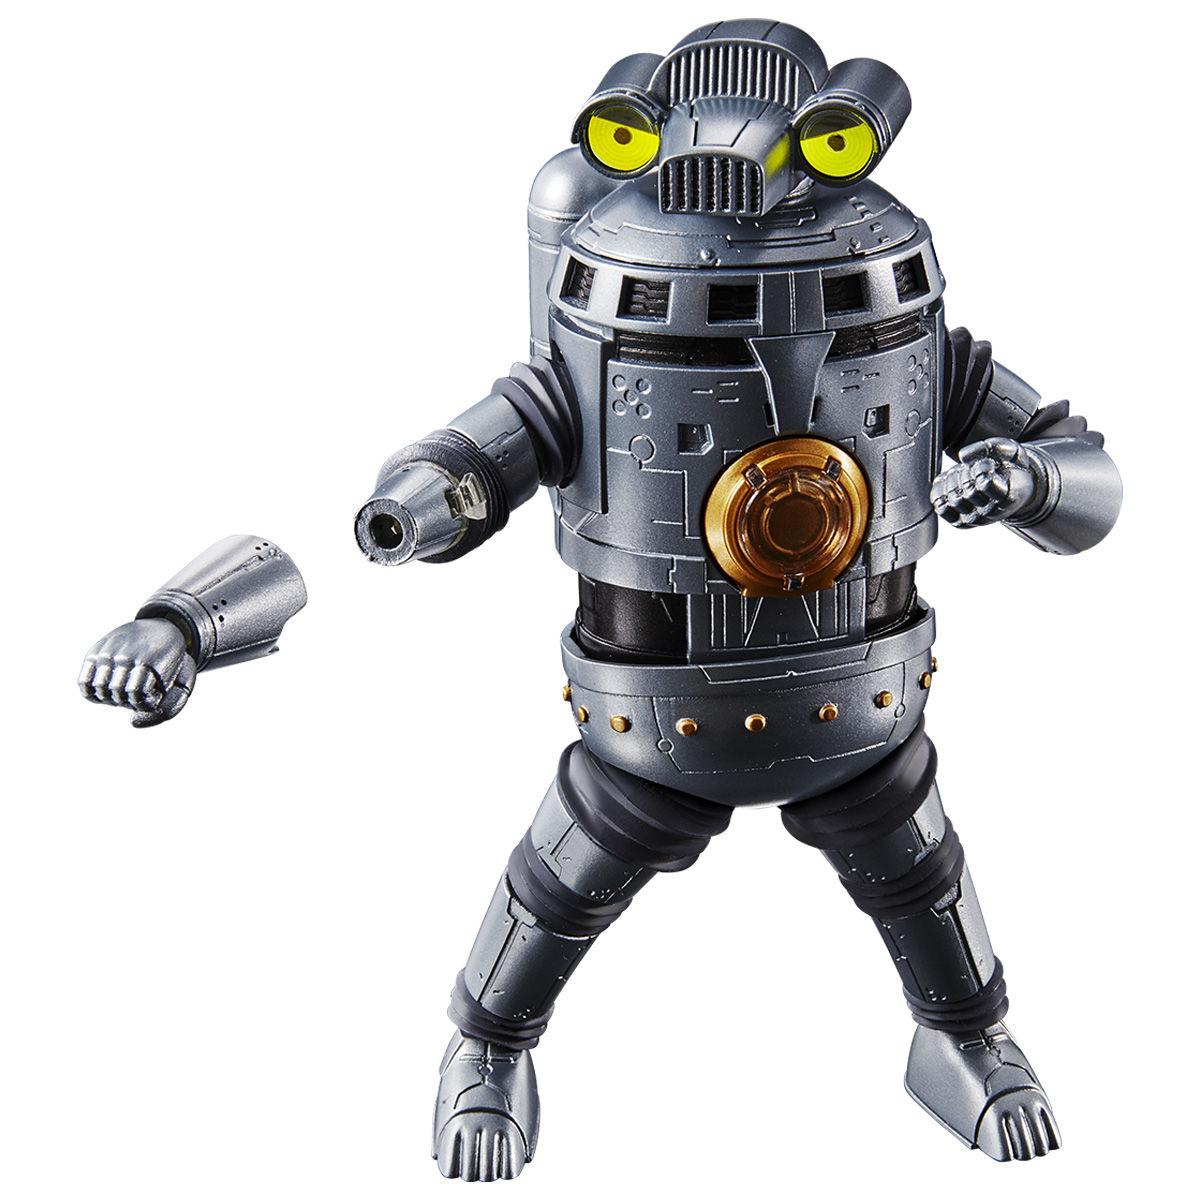 【限定販売】ウルトラマンZ『光る!鳴る! 特空機1号 セブンガー』可動フィギュア-006